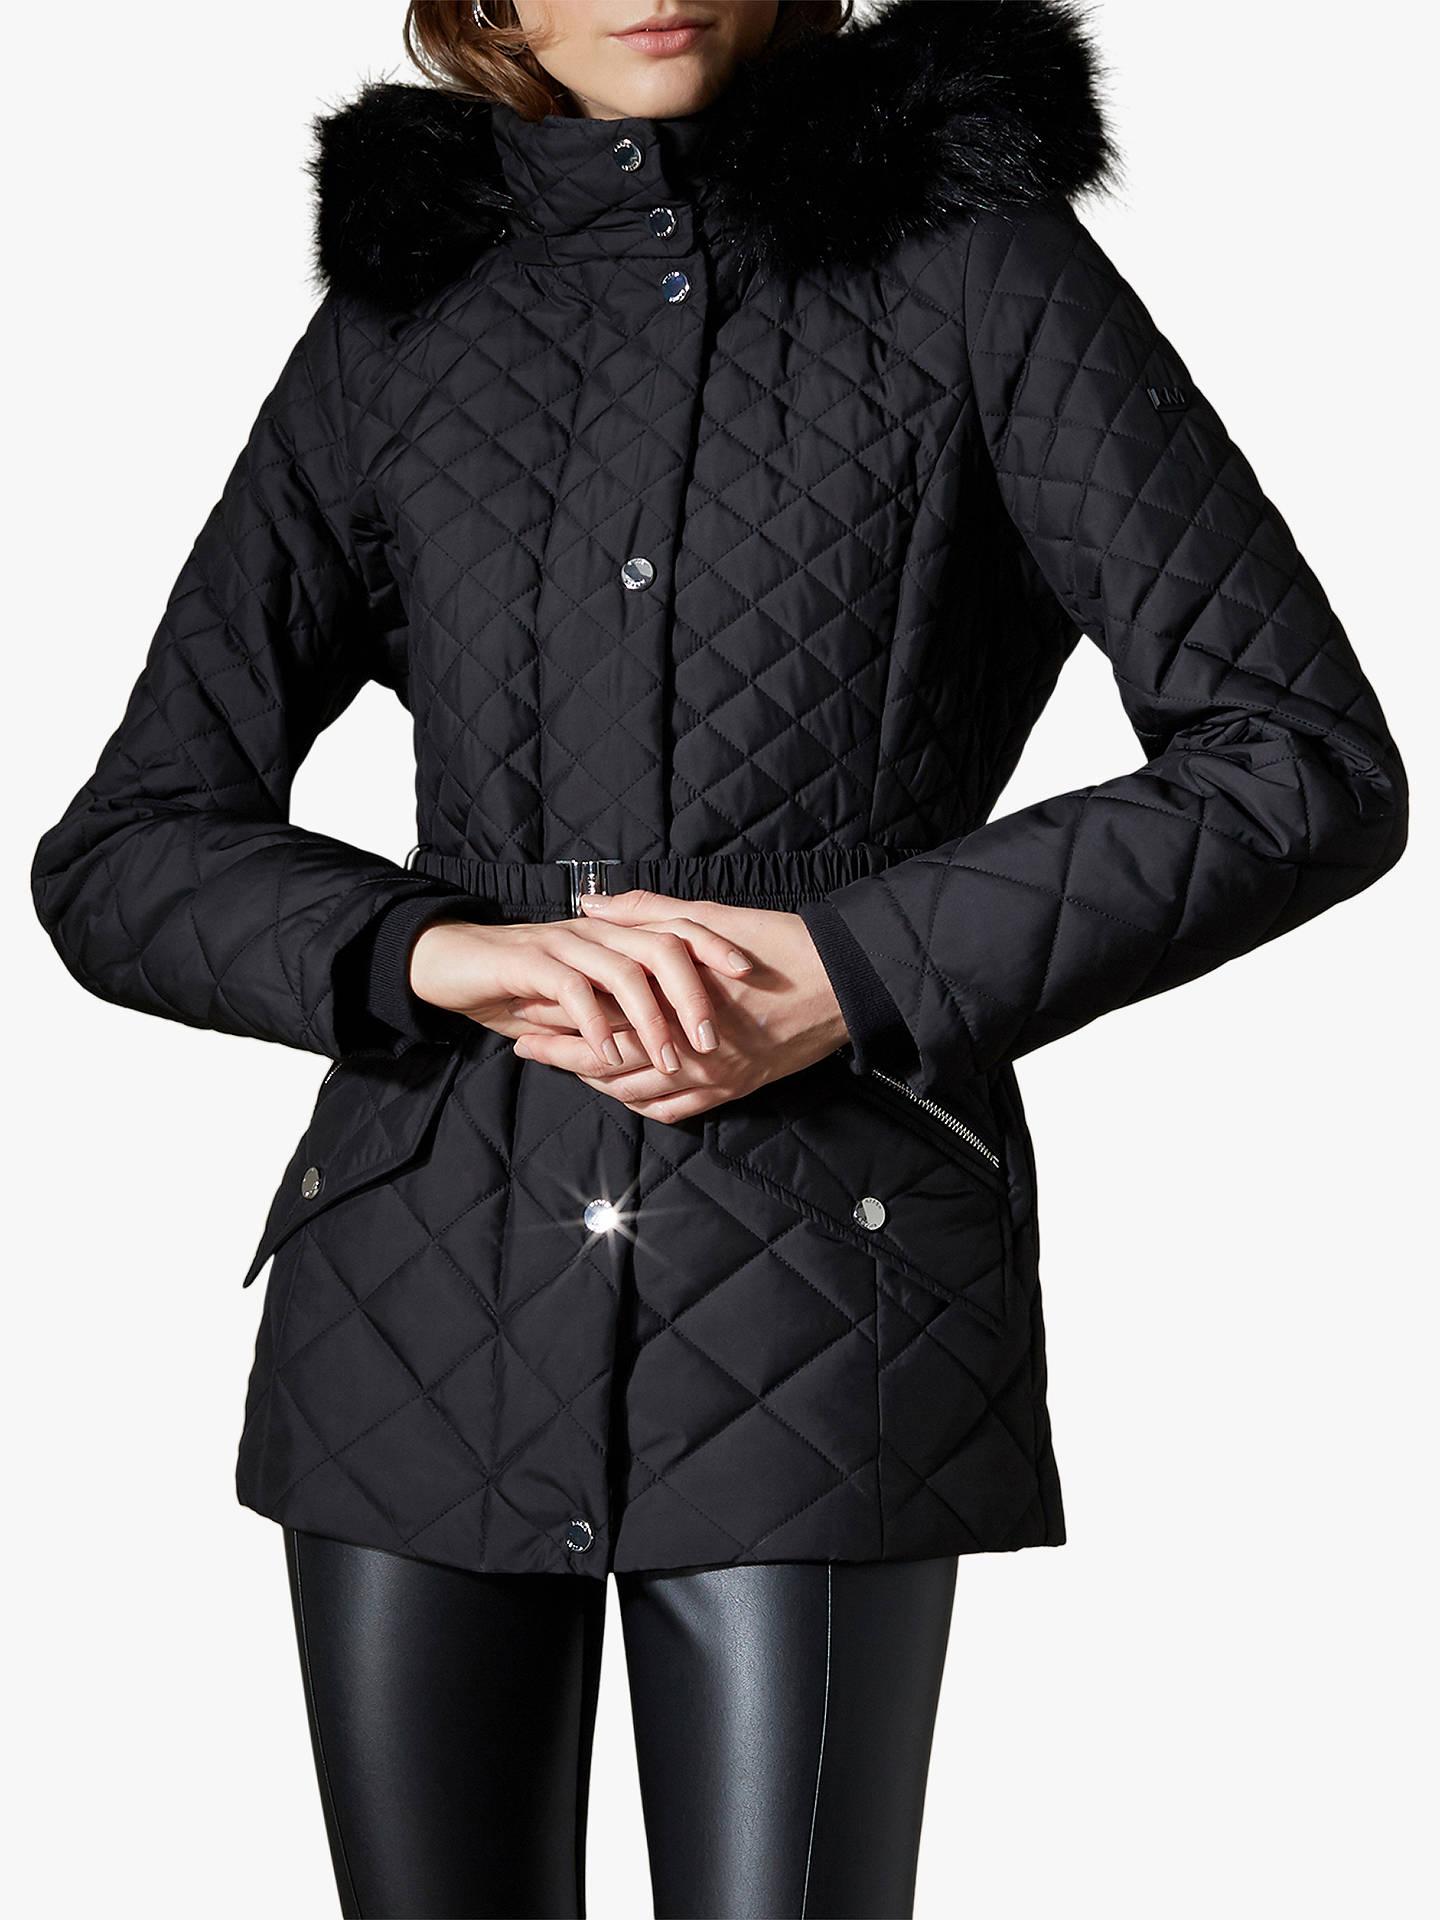 35614c6fead Buy Karen Millen Belted Puffer Coat, Black, 12 Online at johnlewis.com ...